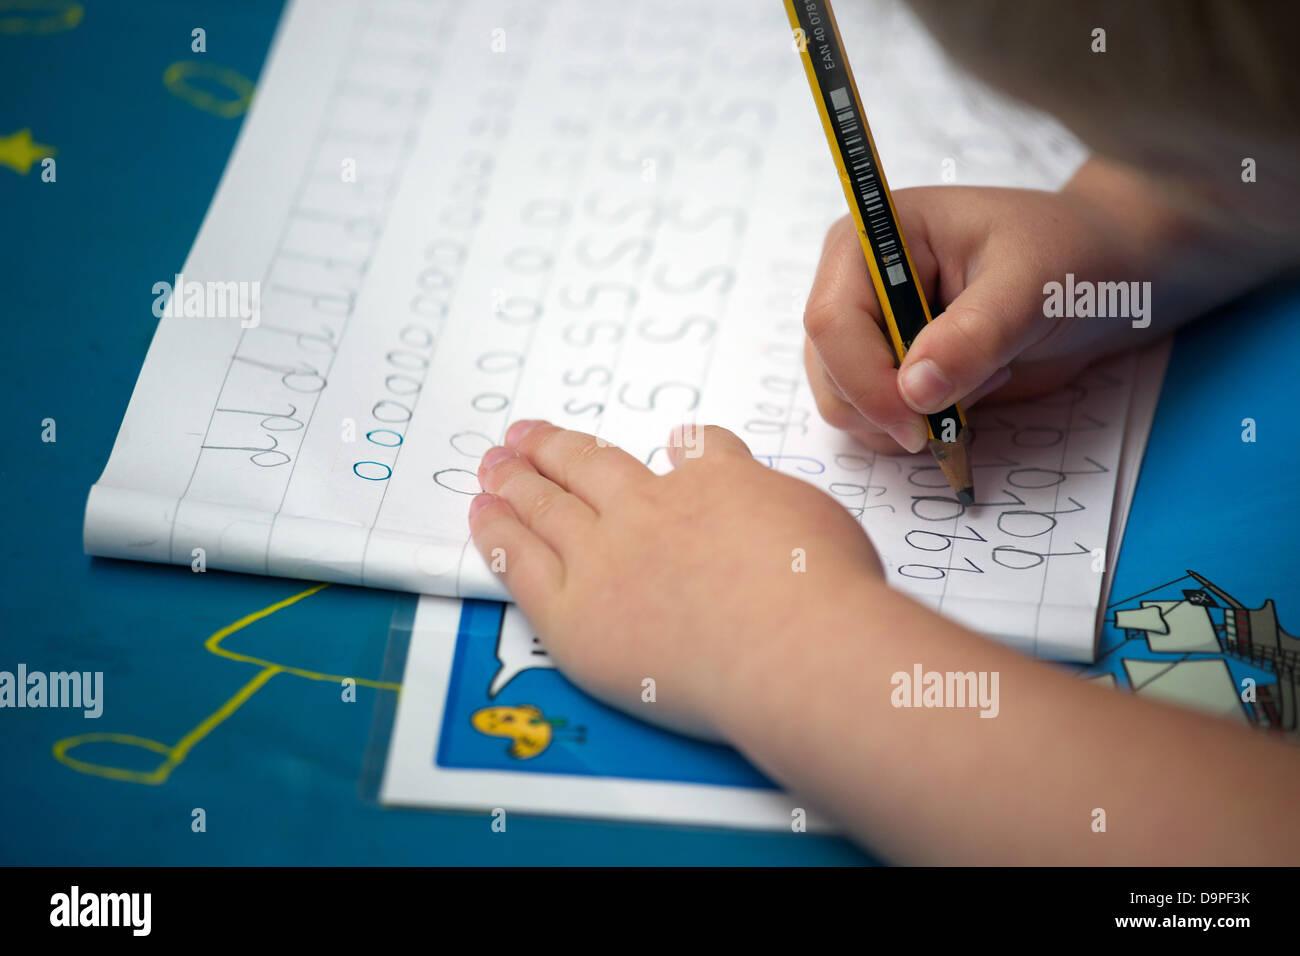 Neat Handwriting Stock Photos Amp Neat Handwriting Stock Images